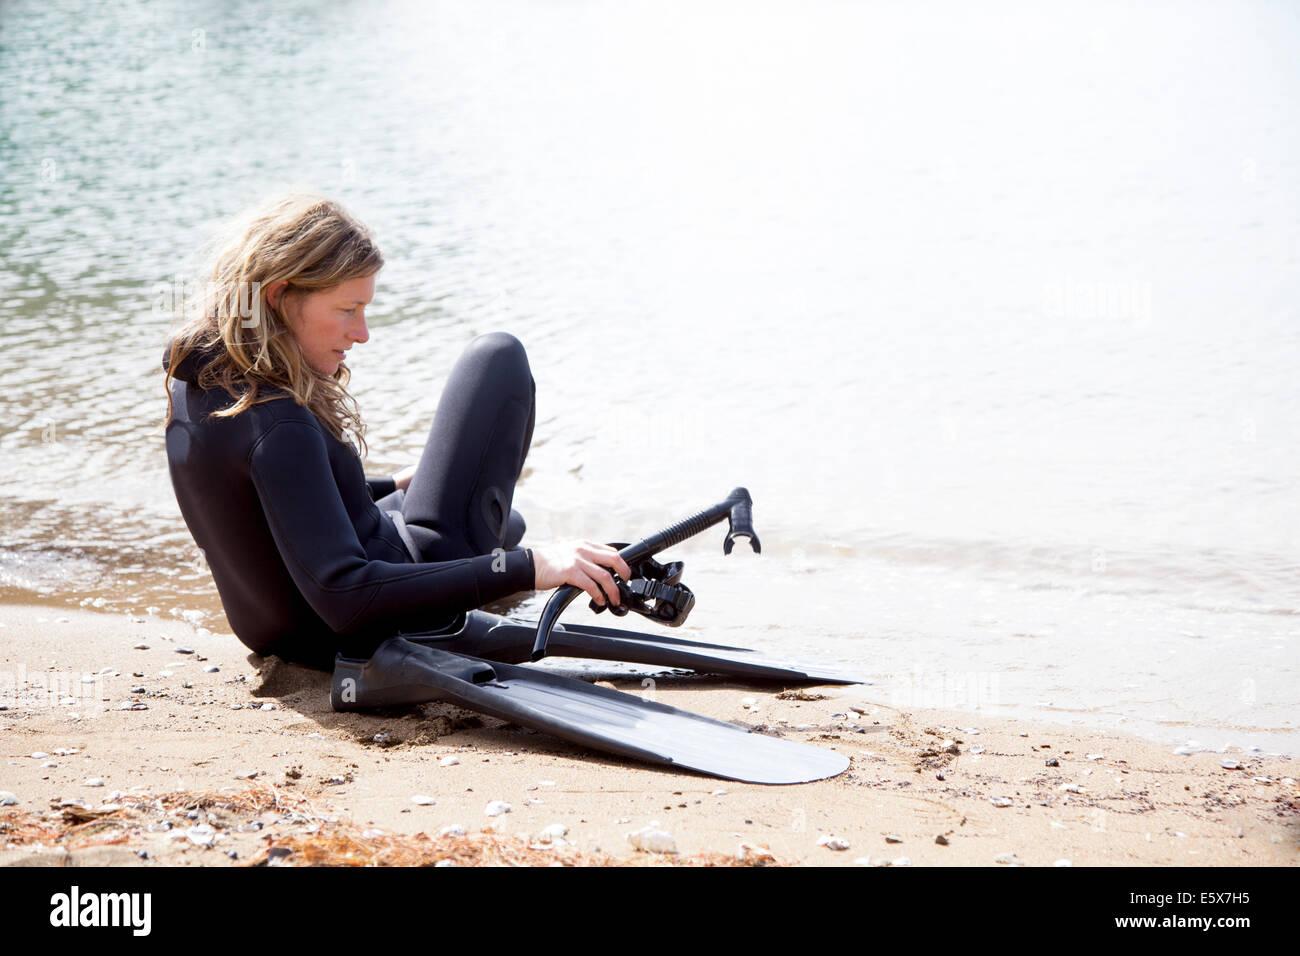 Mitte Erwachsenen weiblichen Taucher Tauchen am Strand wird vorbereitet Stockbild